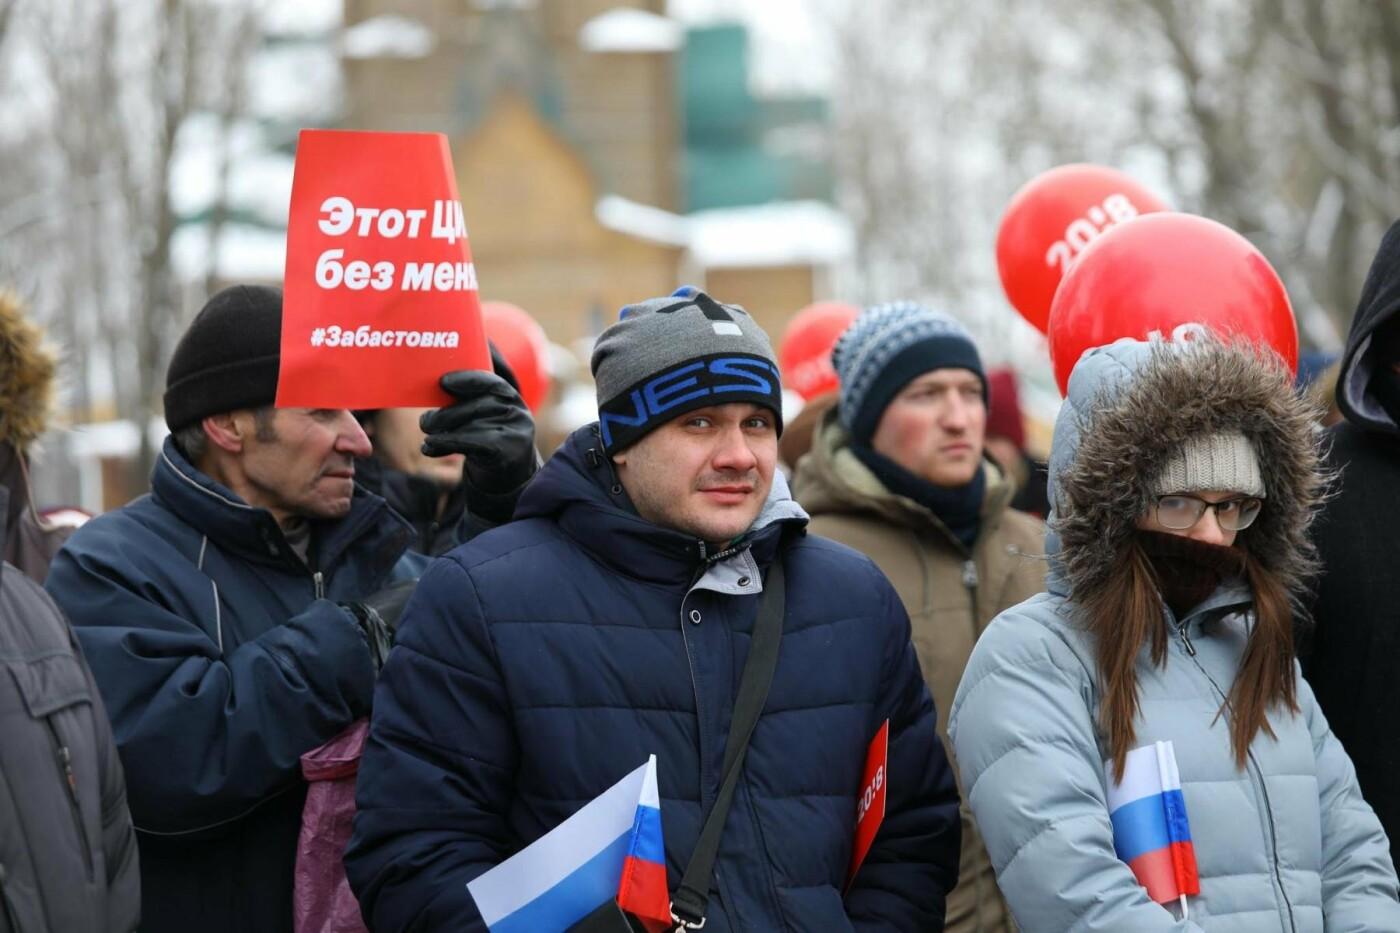 В Белгороде у Дома офицеров прошла «забастовка избирателей» — фоторепортаж, фото-36